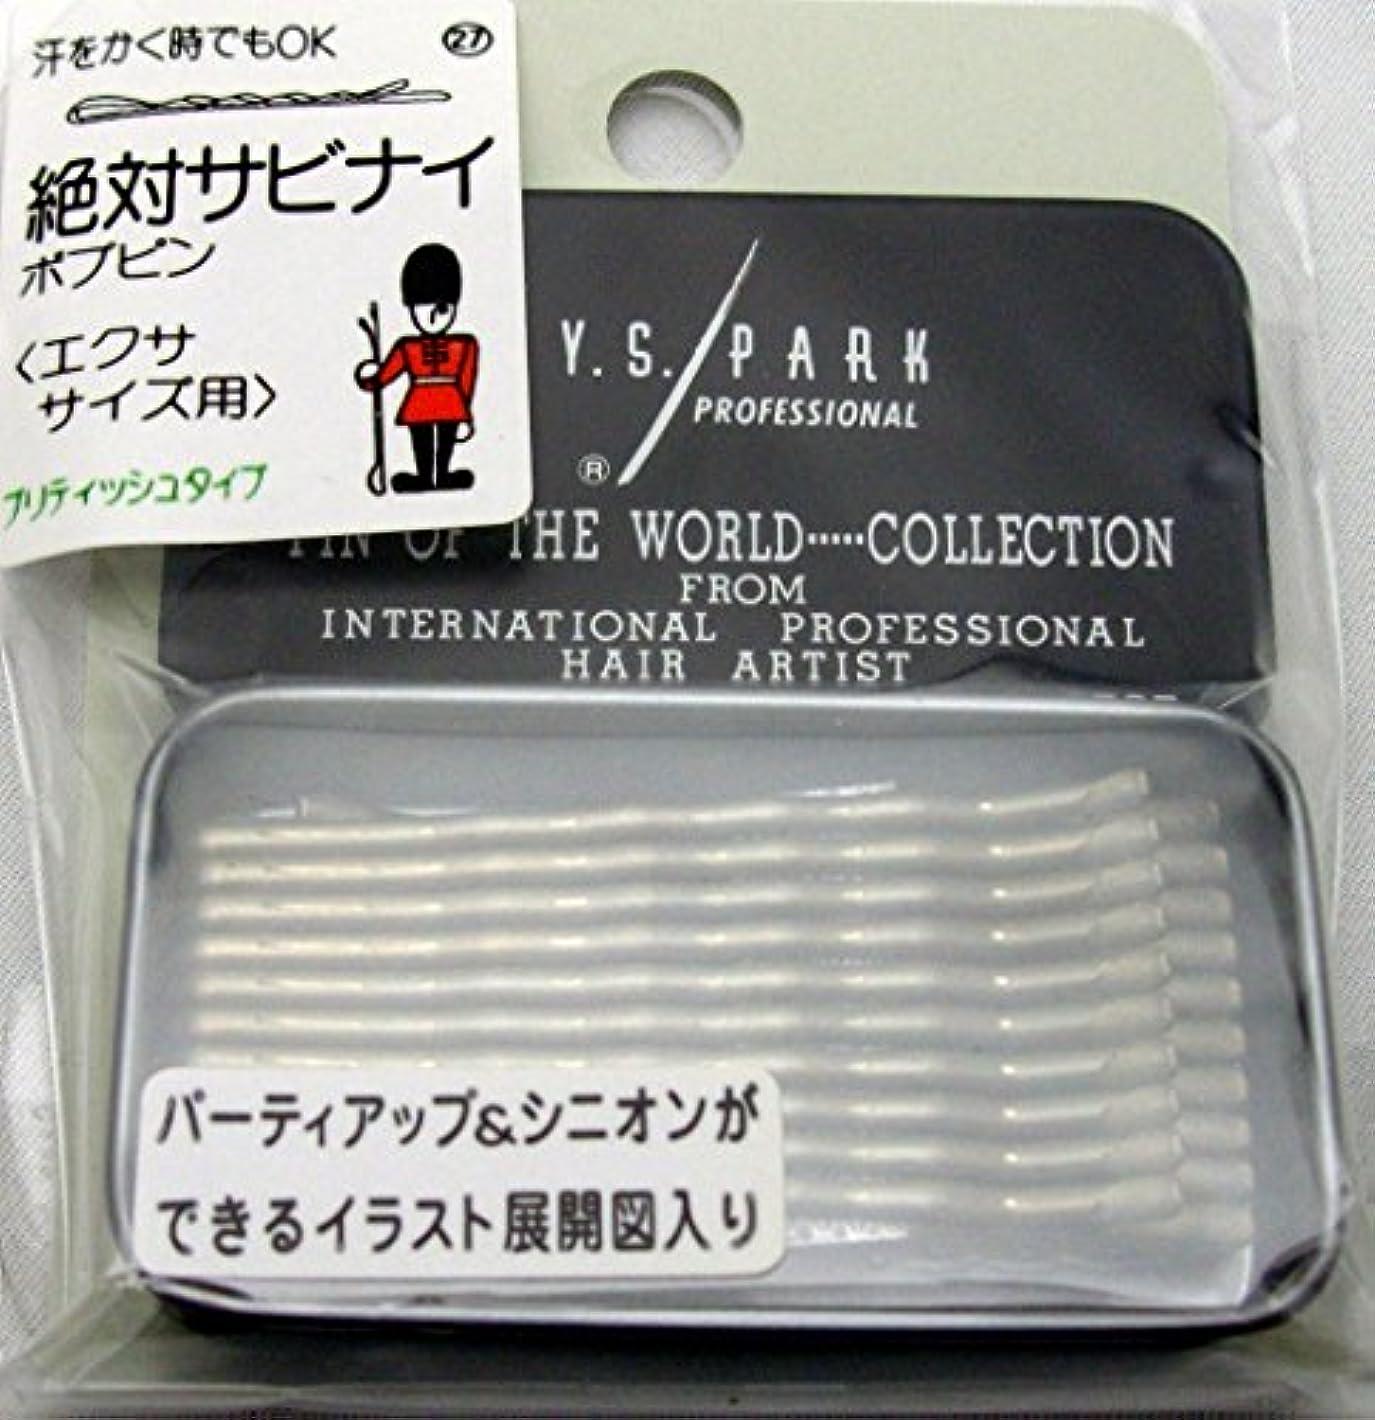 調査シェトランド諸島評判Y.S.PARK 世界のヘアピンコレクションNo.27(エクササイズ用)ステンレス製(シルバー)20P